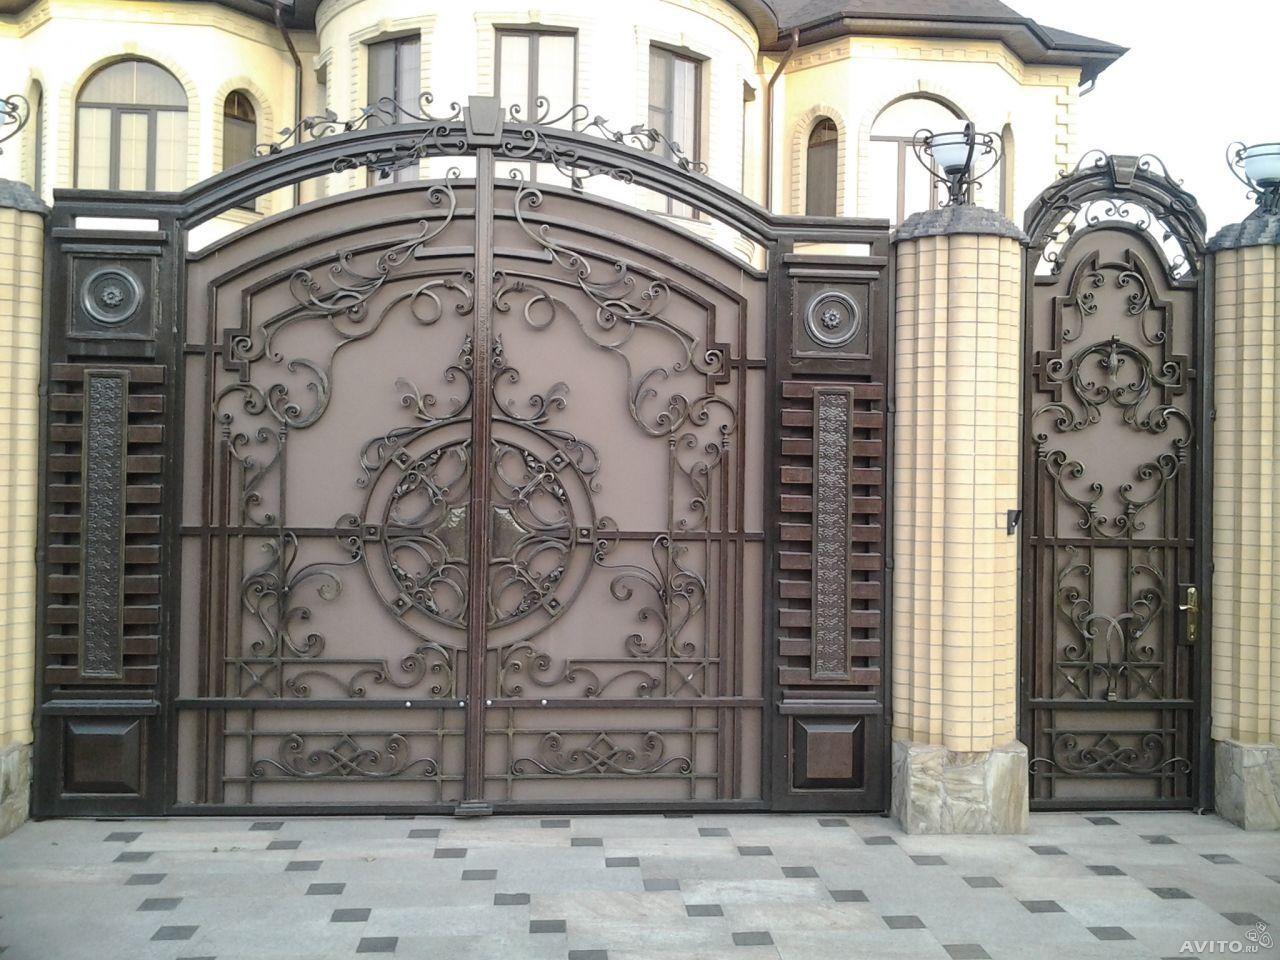 http://kovani.lviv.ua/images/os_imagegallery_159/original/b208